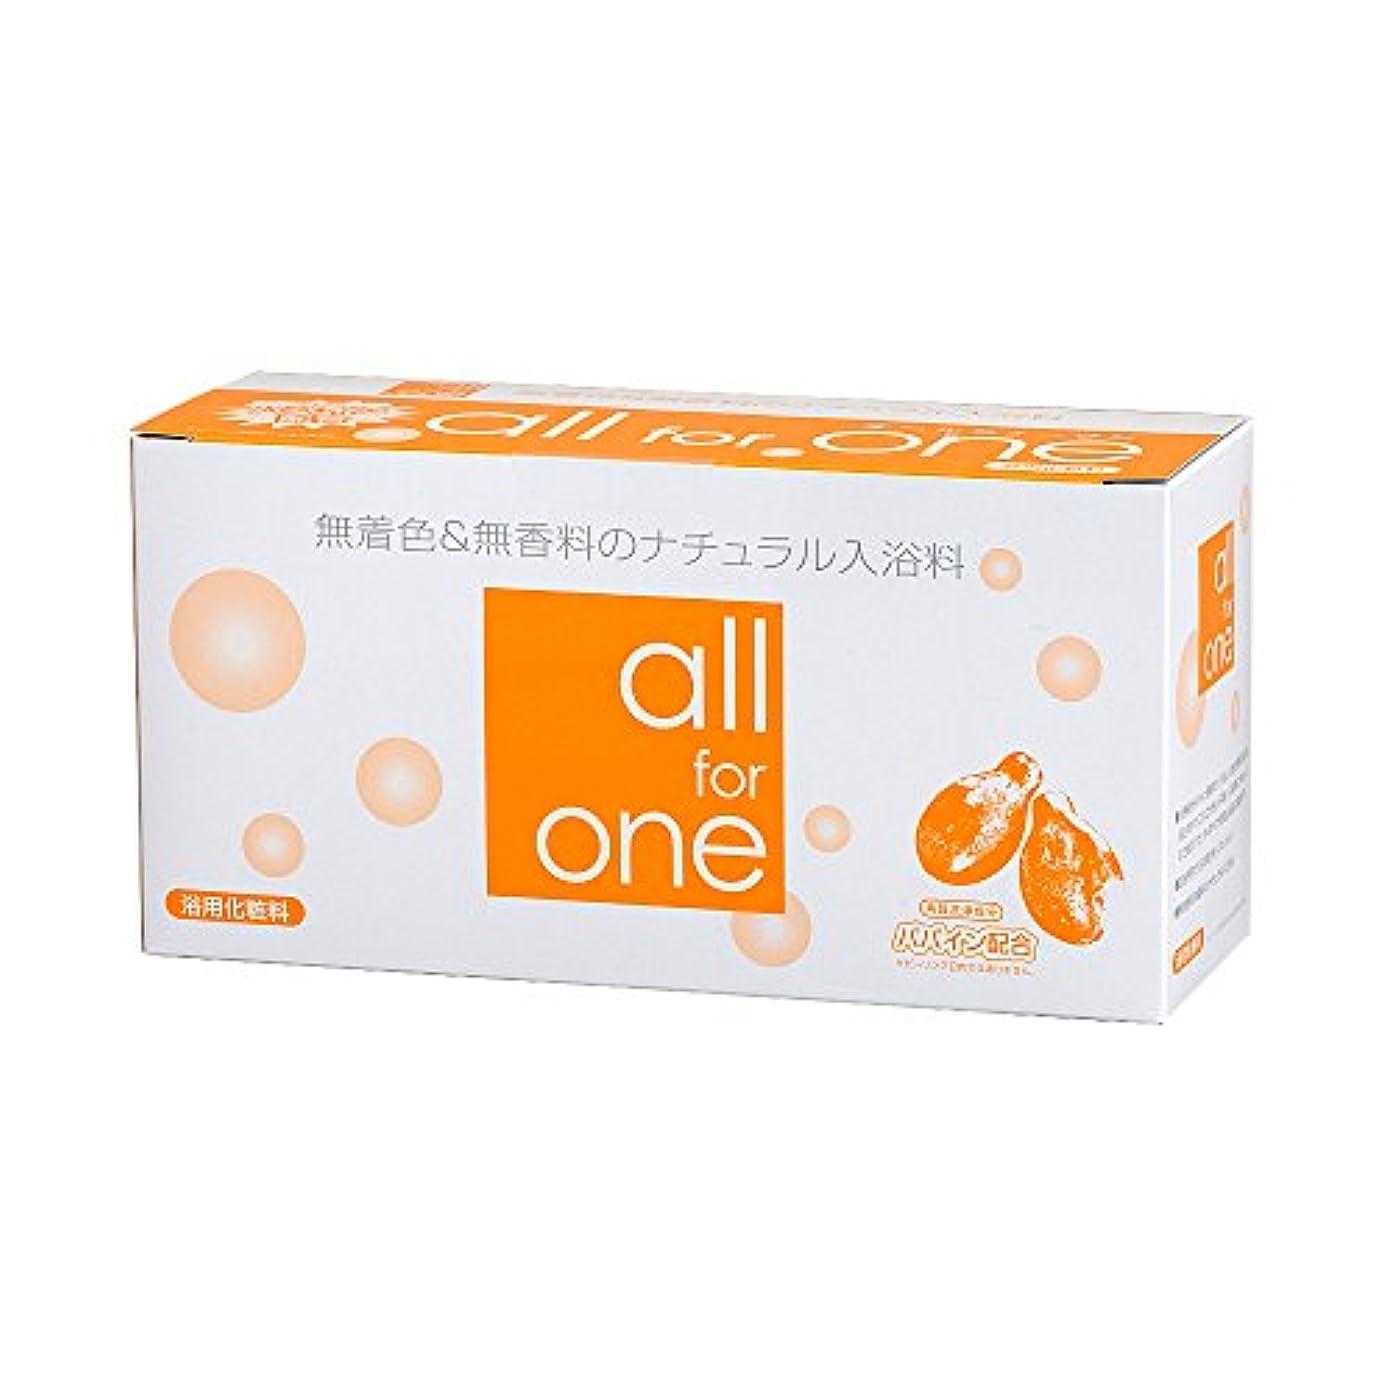 服を片付ける努力するエレクトロニックパパイン酵素配合 無着色&無香料 ナチュラル入浴剤 all for one 30包